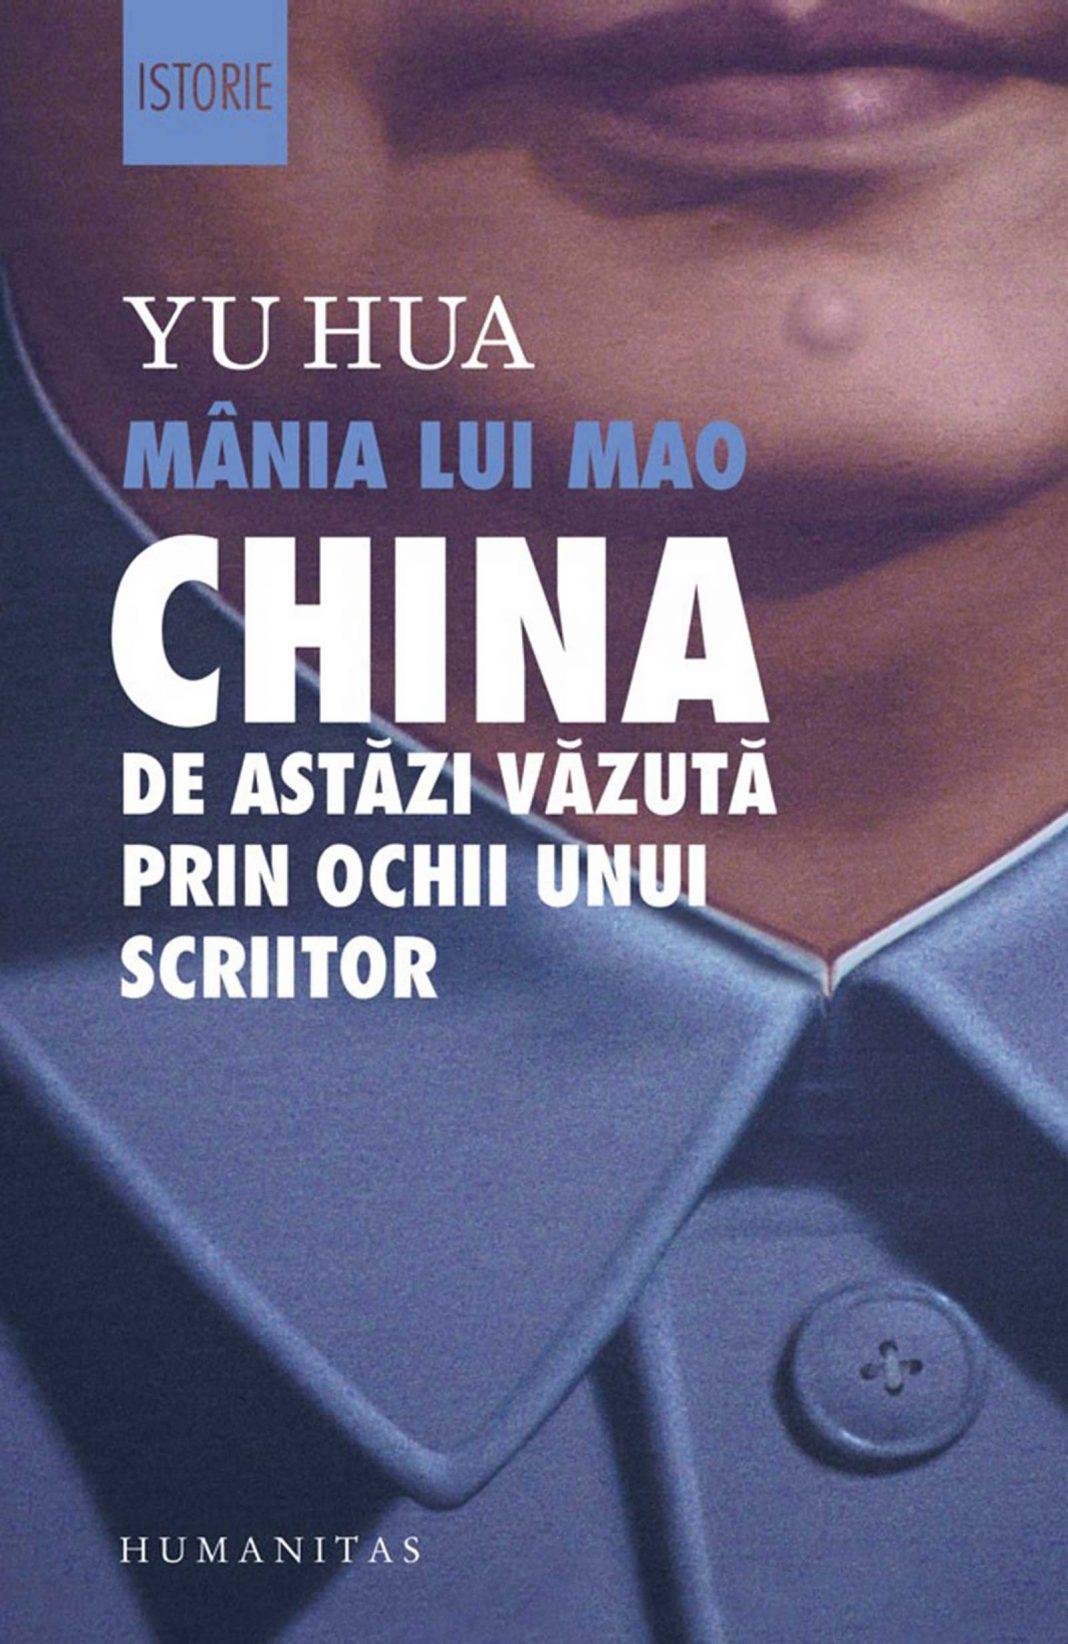 Mânia lui Mao. China de astăzi văzută prin ochii unui scriitor de Yu Hua. Traducere şi note de Mugur Zlotea, Editura Humanitas, 2019